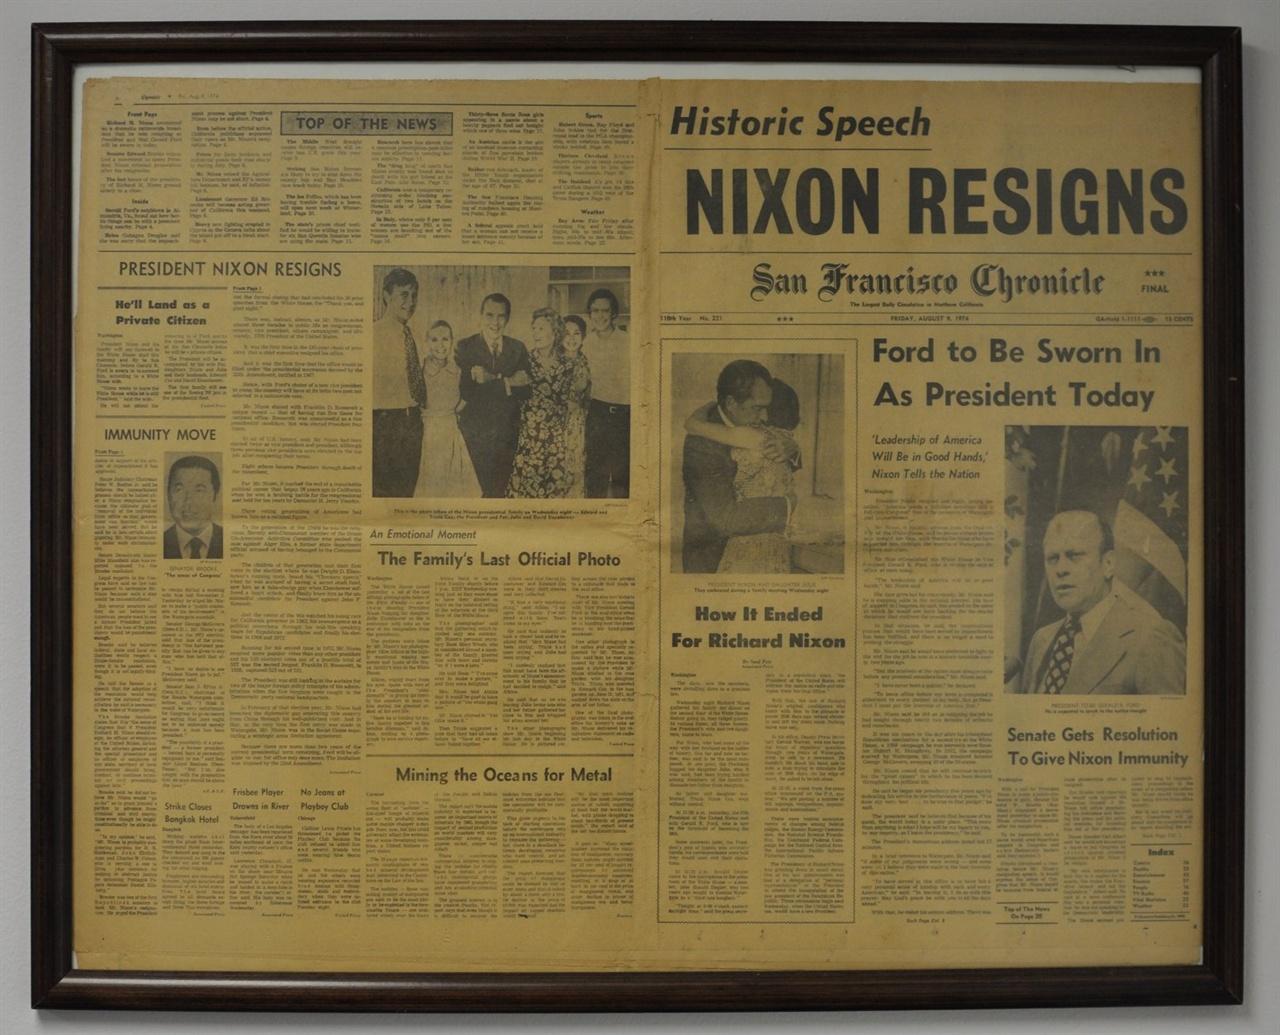 닉슨 사임(Nixon Resign) 기사를 다룬 1974년 8월 9일 자 샌프란시스코 크로니컬(San Francisco Chronicle). 기자의 사무실 벽면에 액자로 걸려 있다.